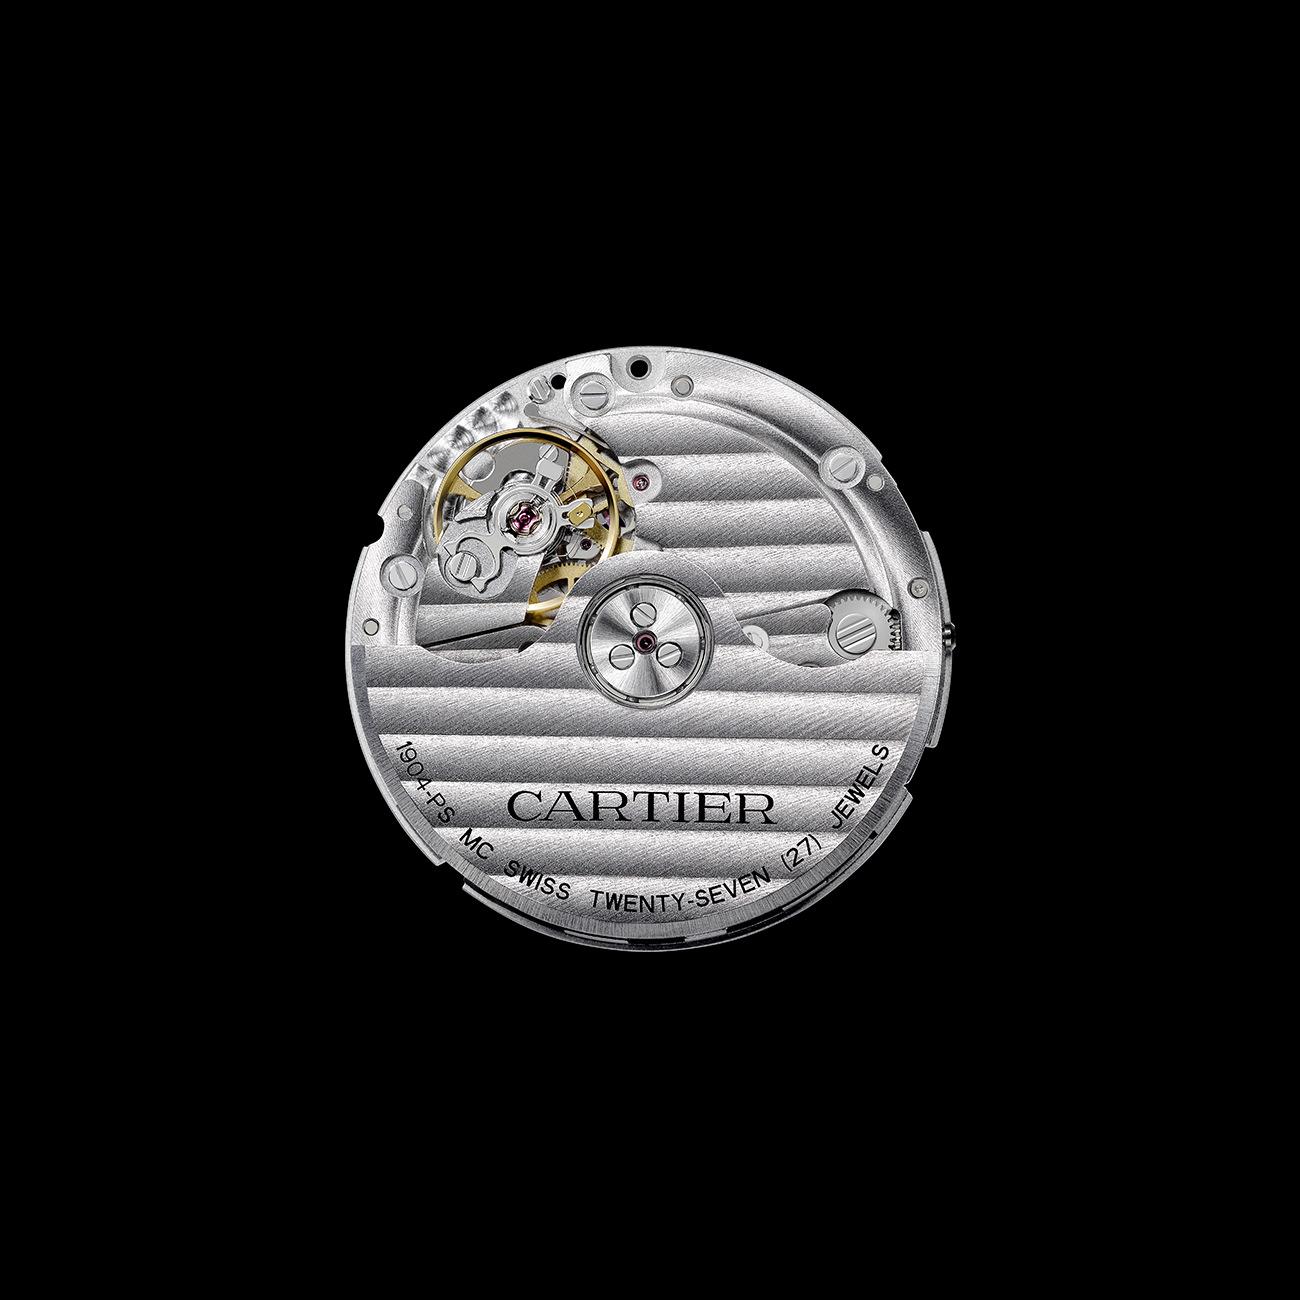 Cartier Diver - Calibre - 1